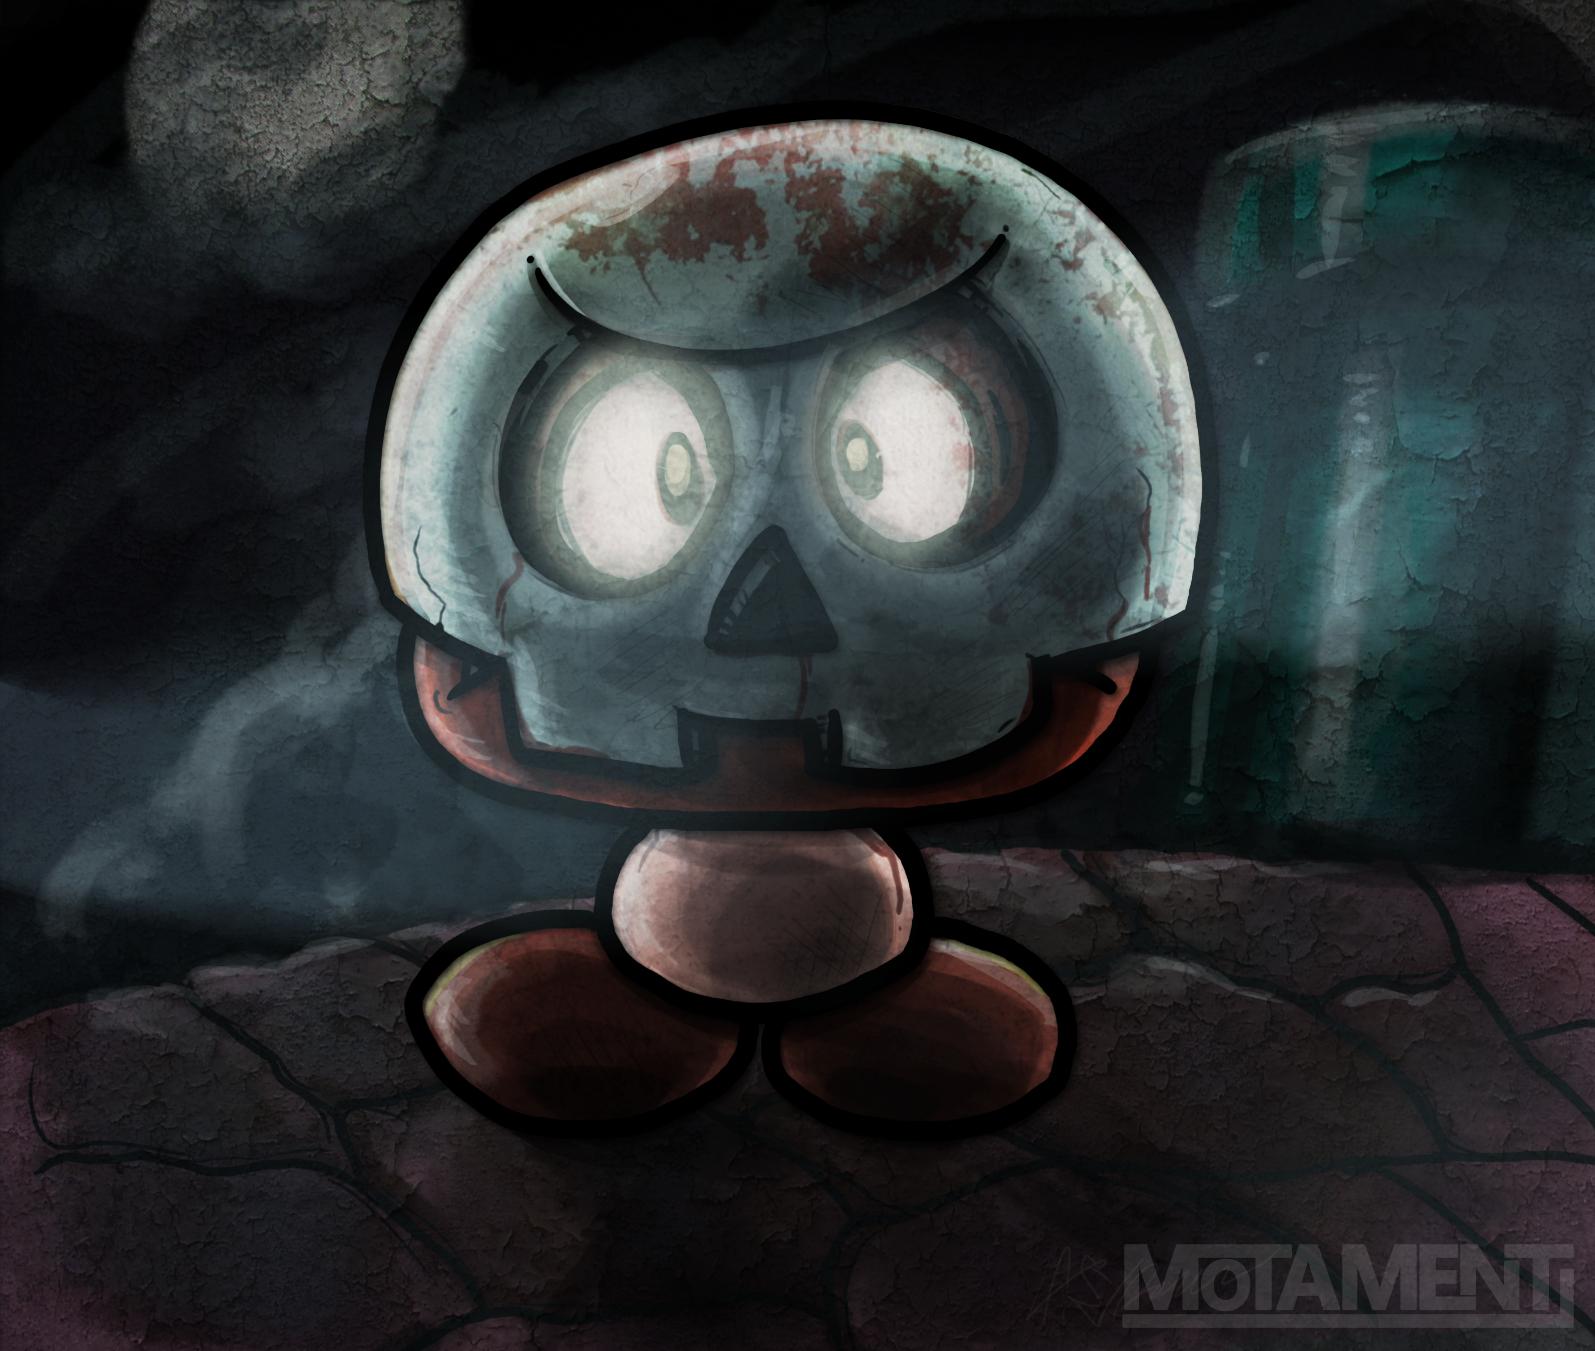 Spooky Goomba